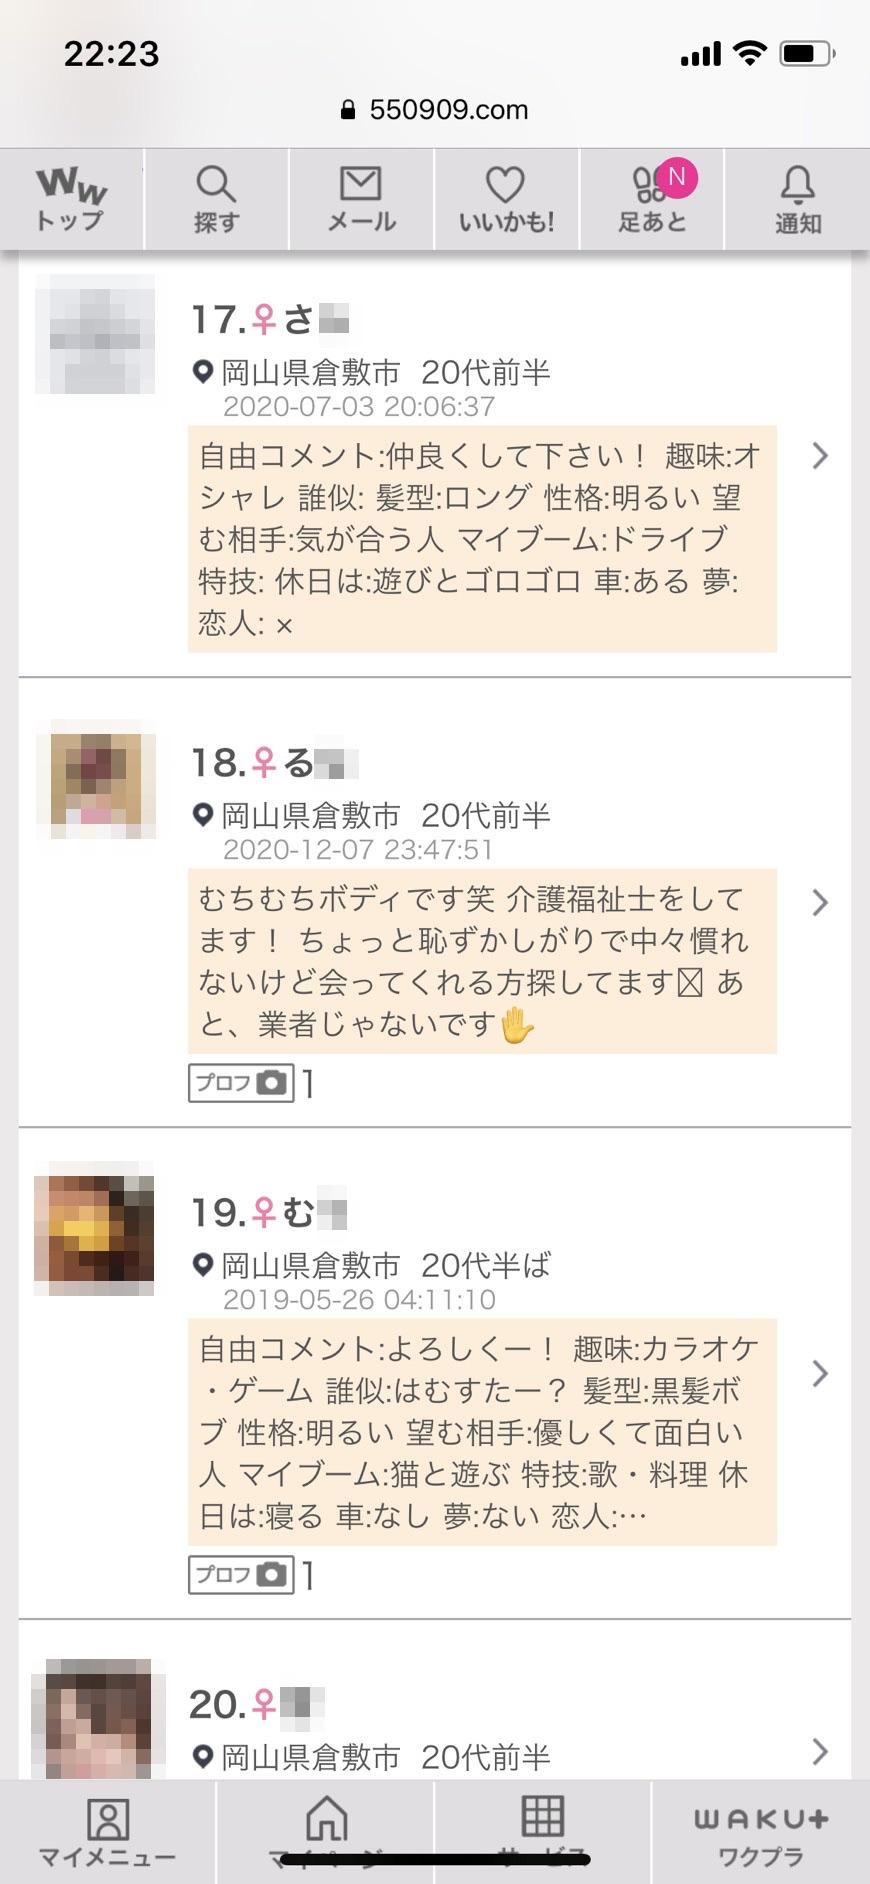 倉敷・セックス(ワクワクメール)